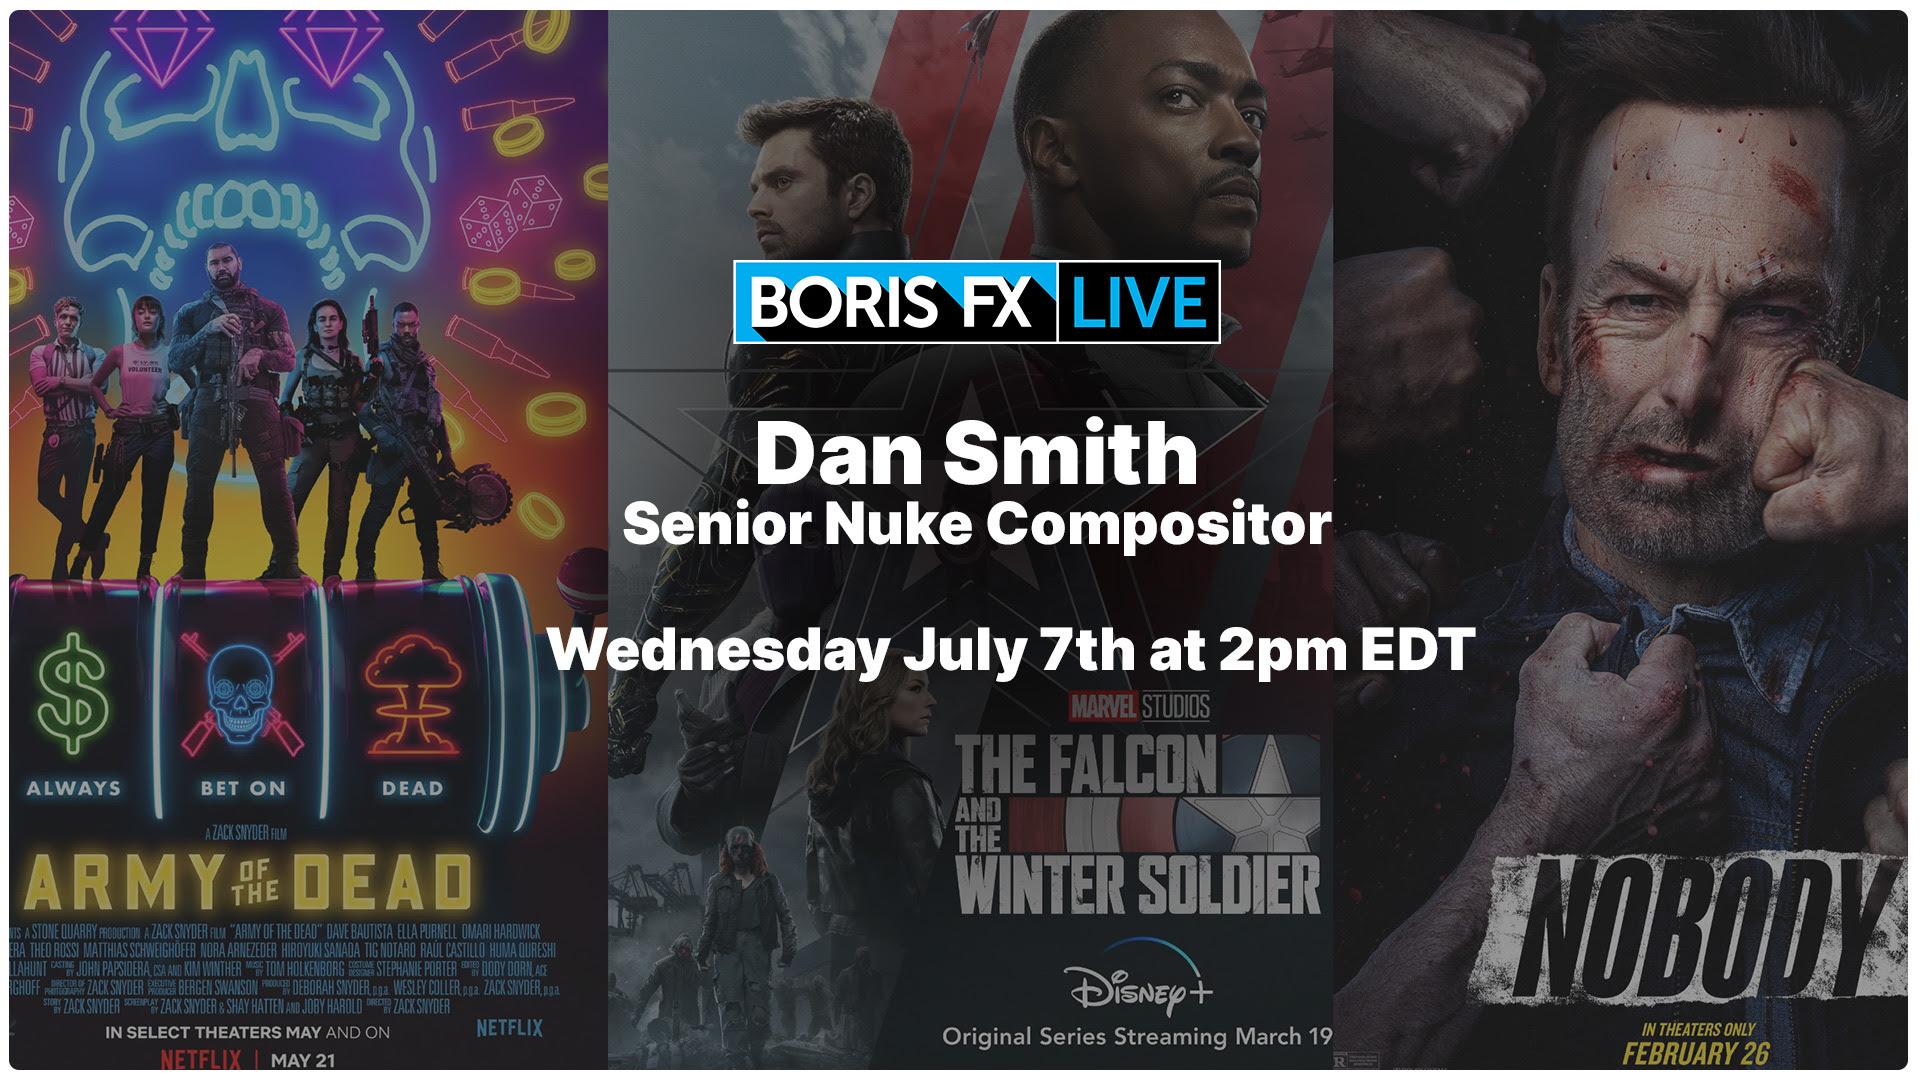 Boris FX Live: Mocha Pro and Silhouette for Nuke Compositors